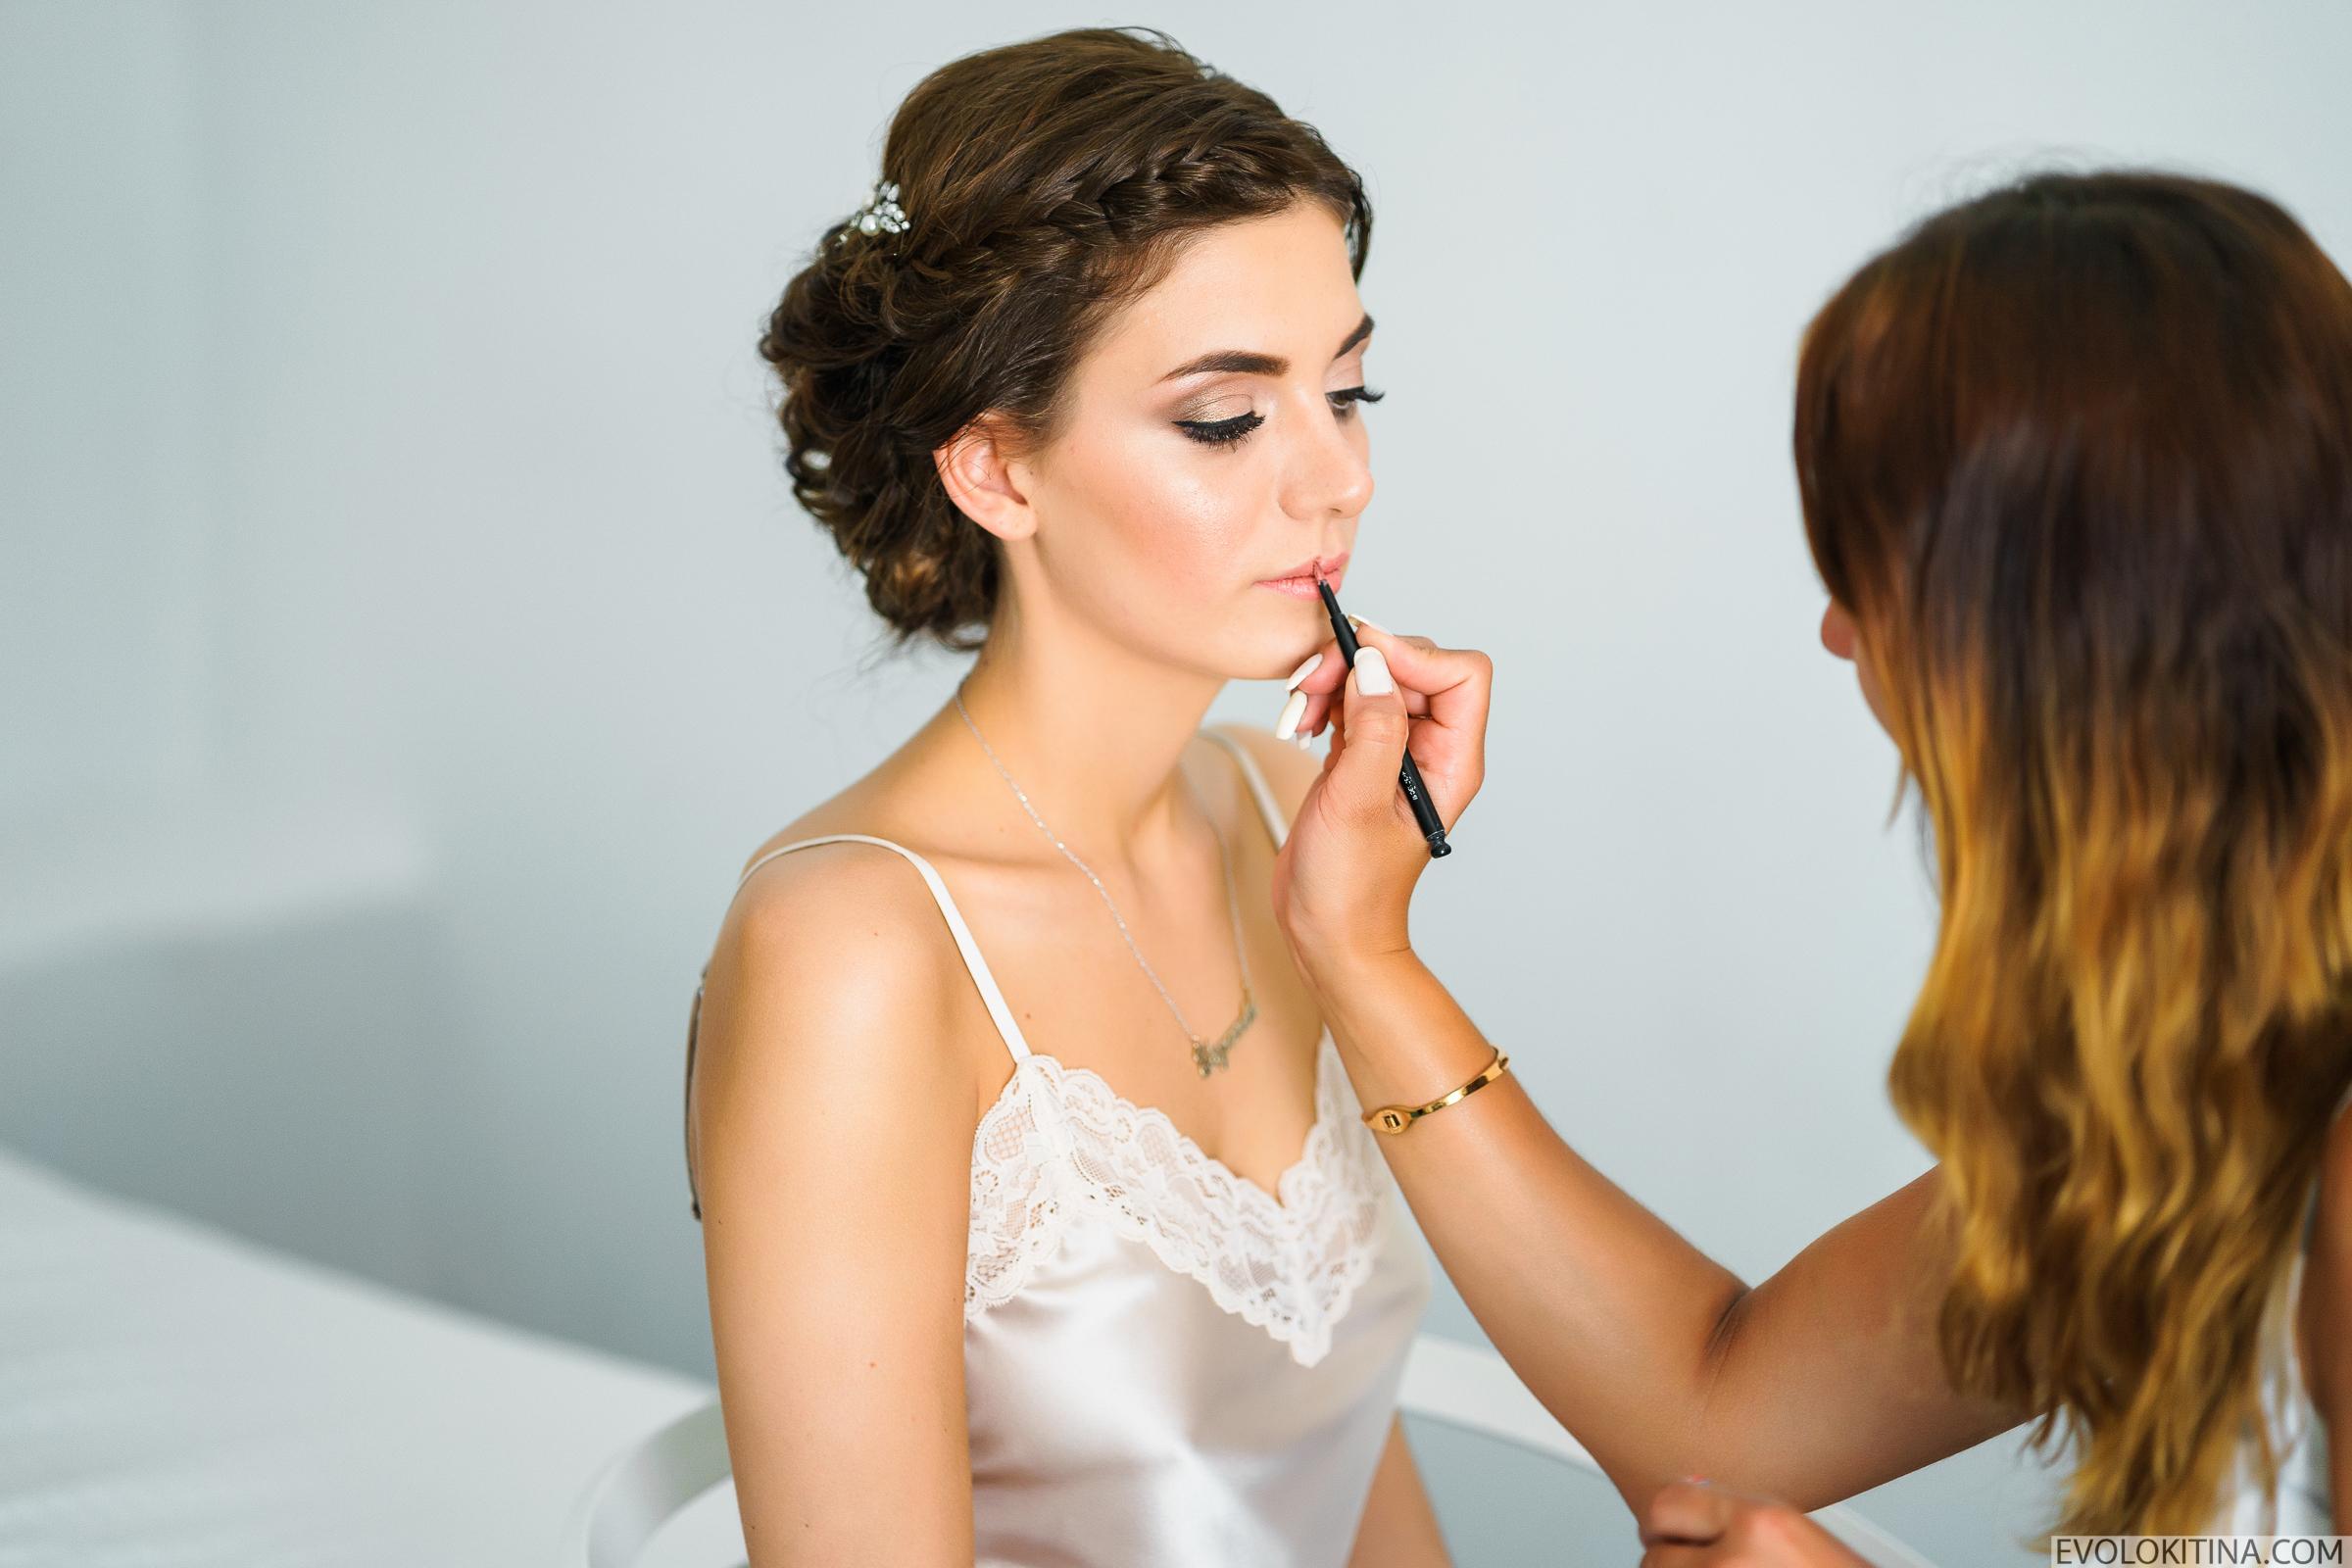 Стилист на Санторини: свадьба на санторини, свадебное агентство Julia Veselova - Фото 3